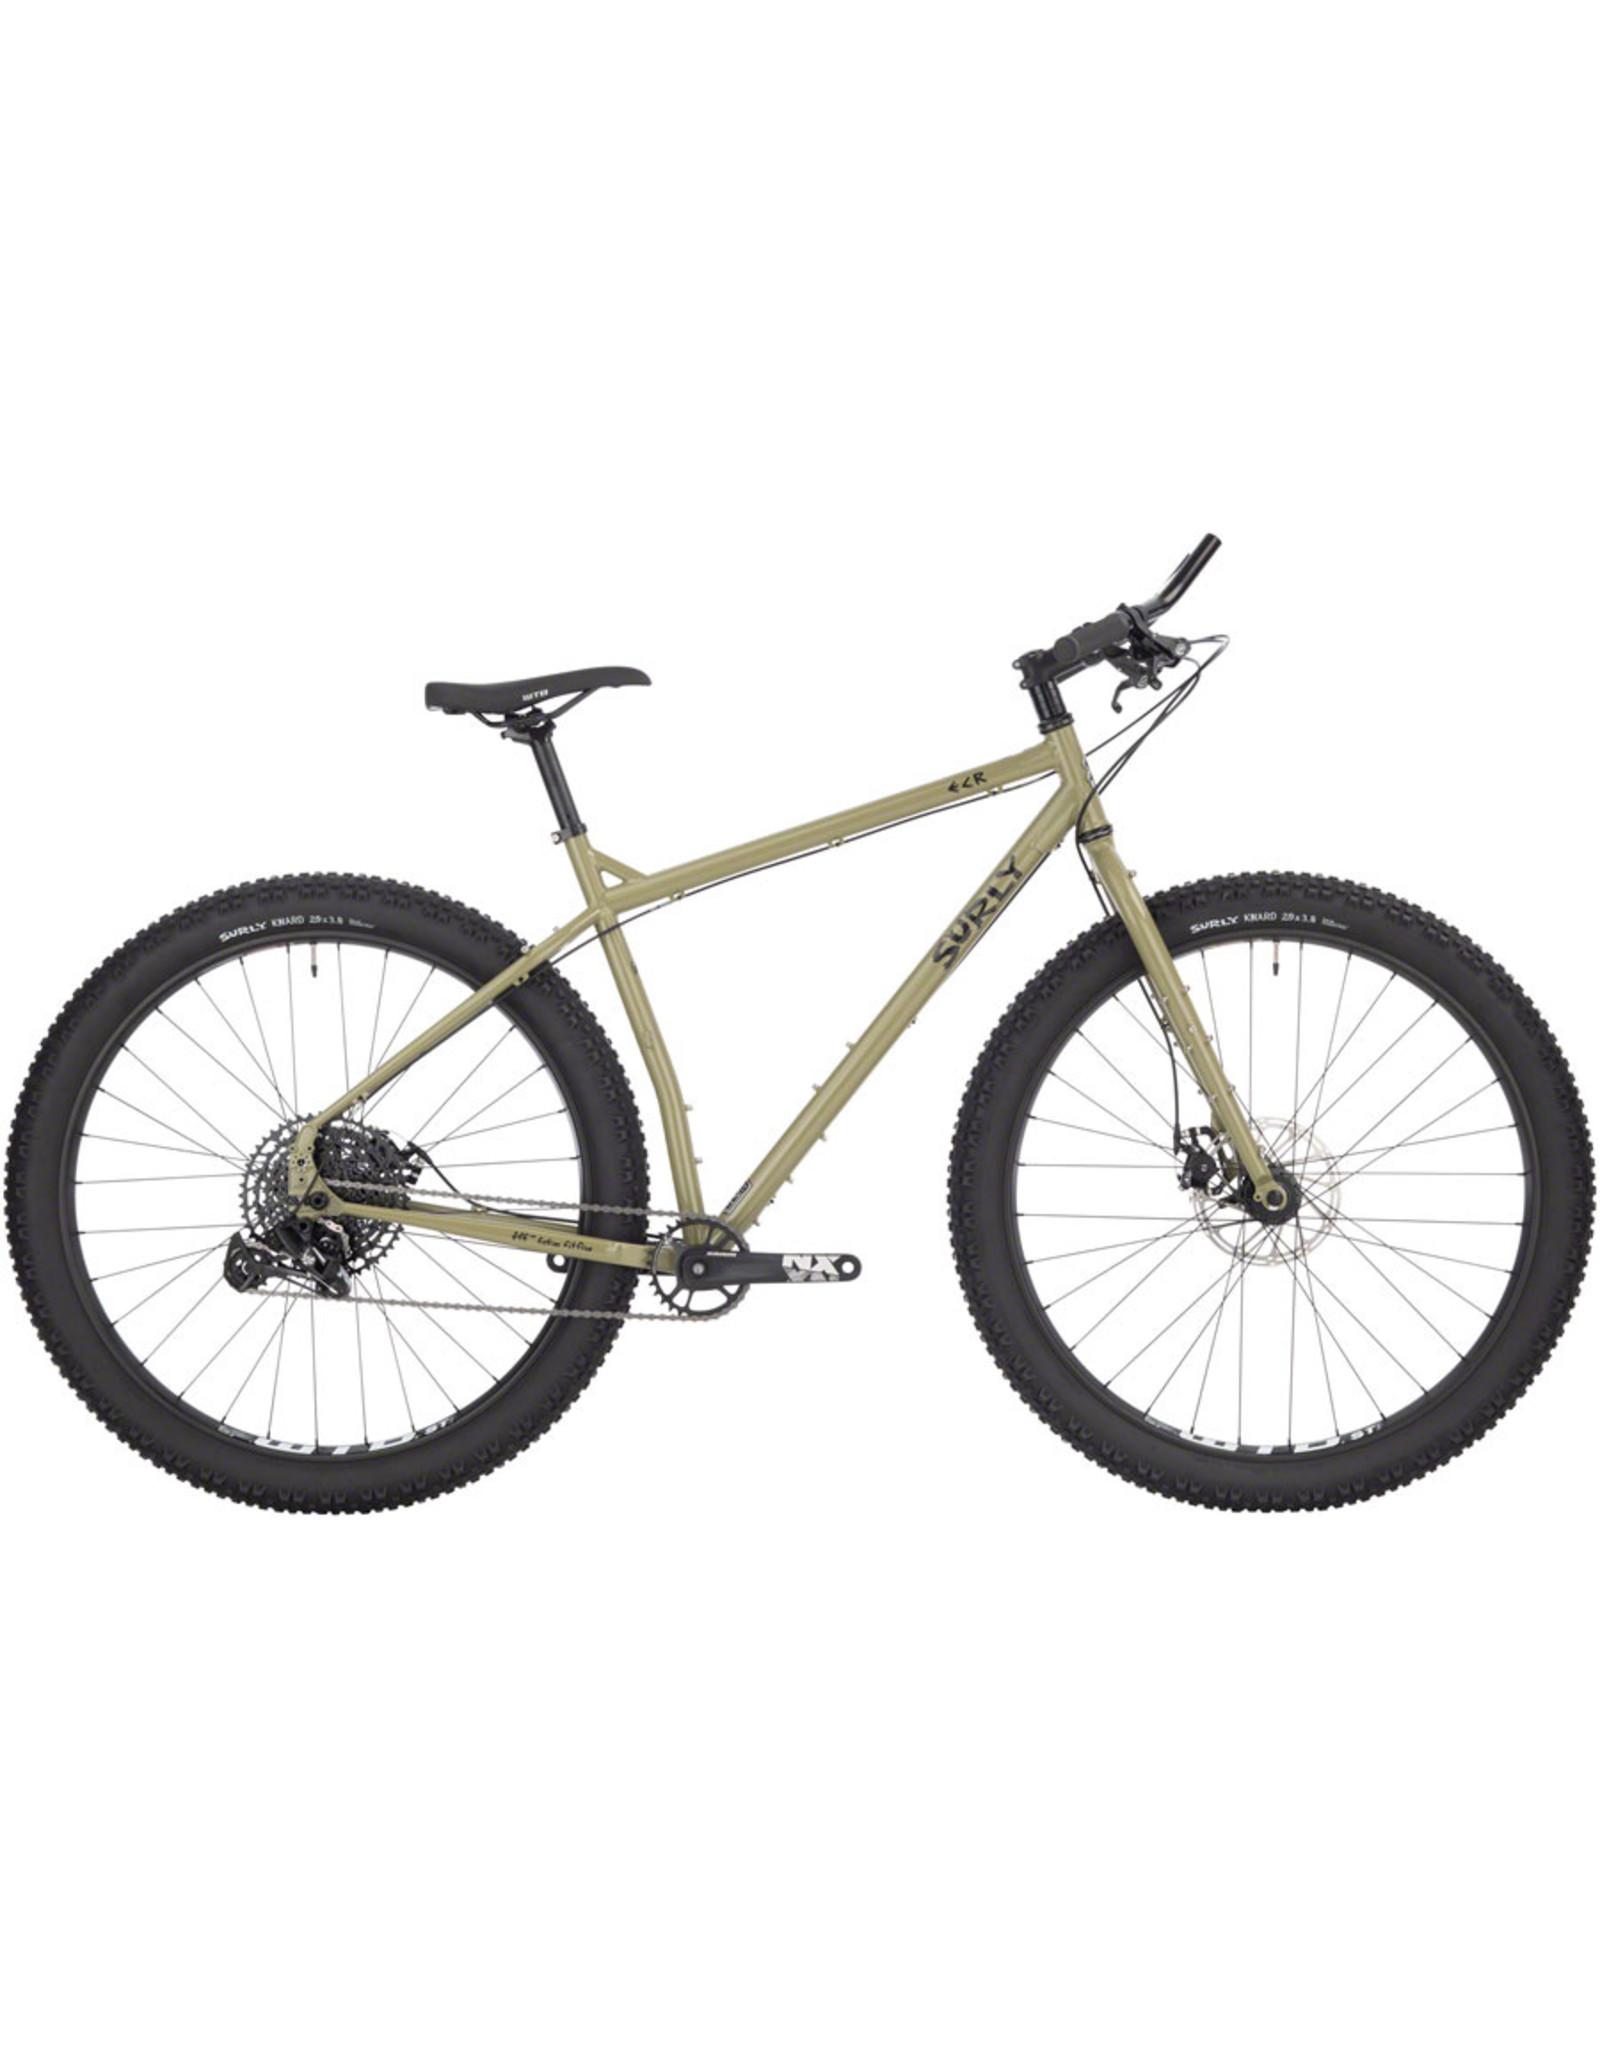 Surly Surly ECR Bike - 29+